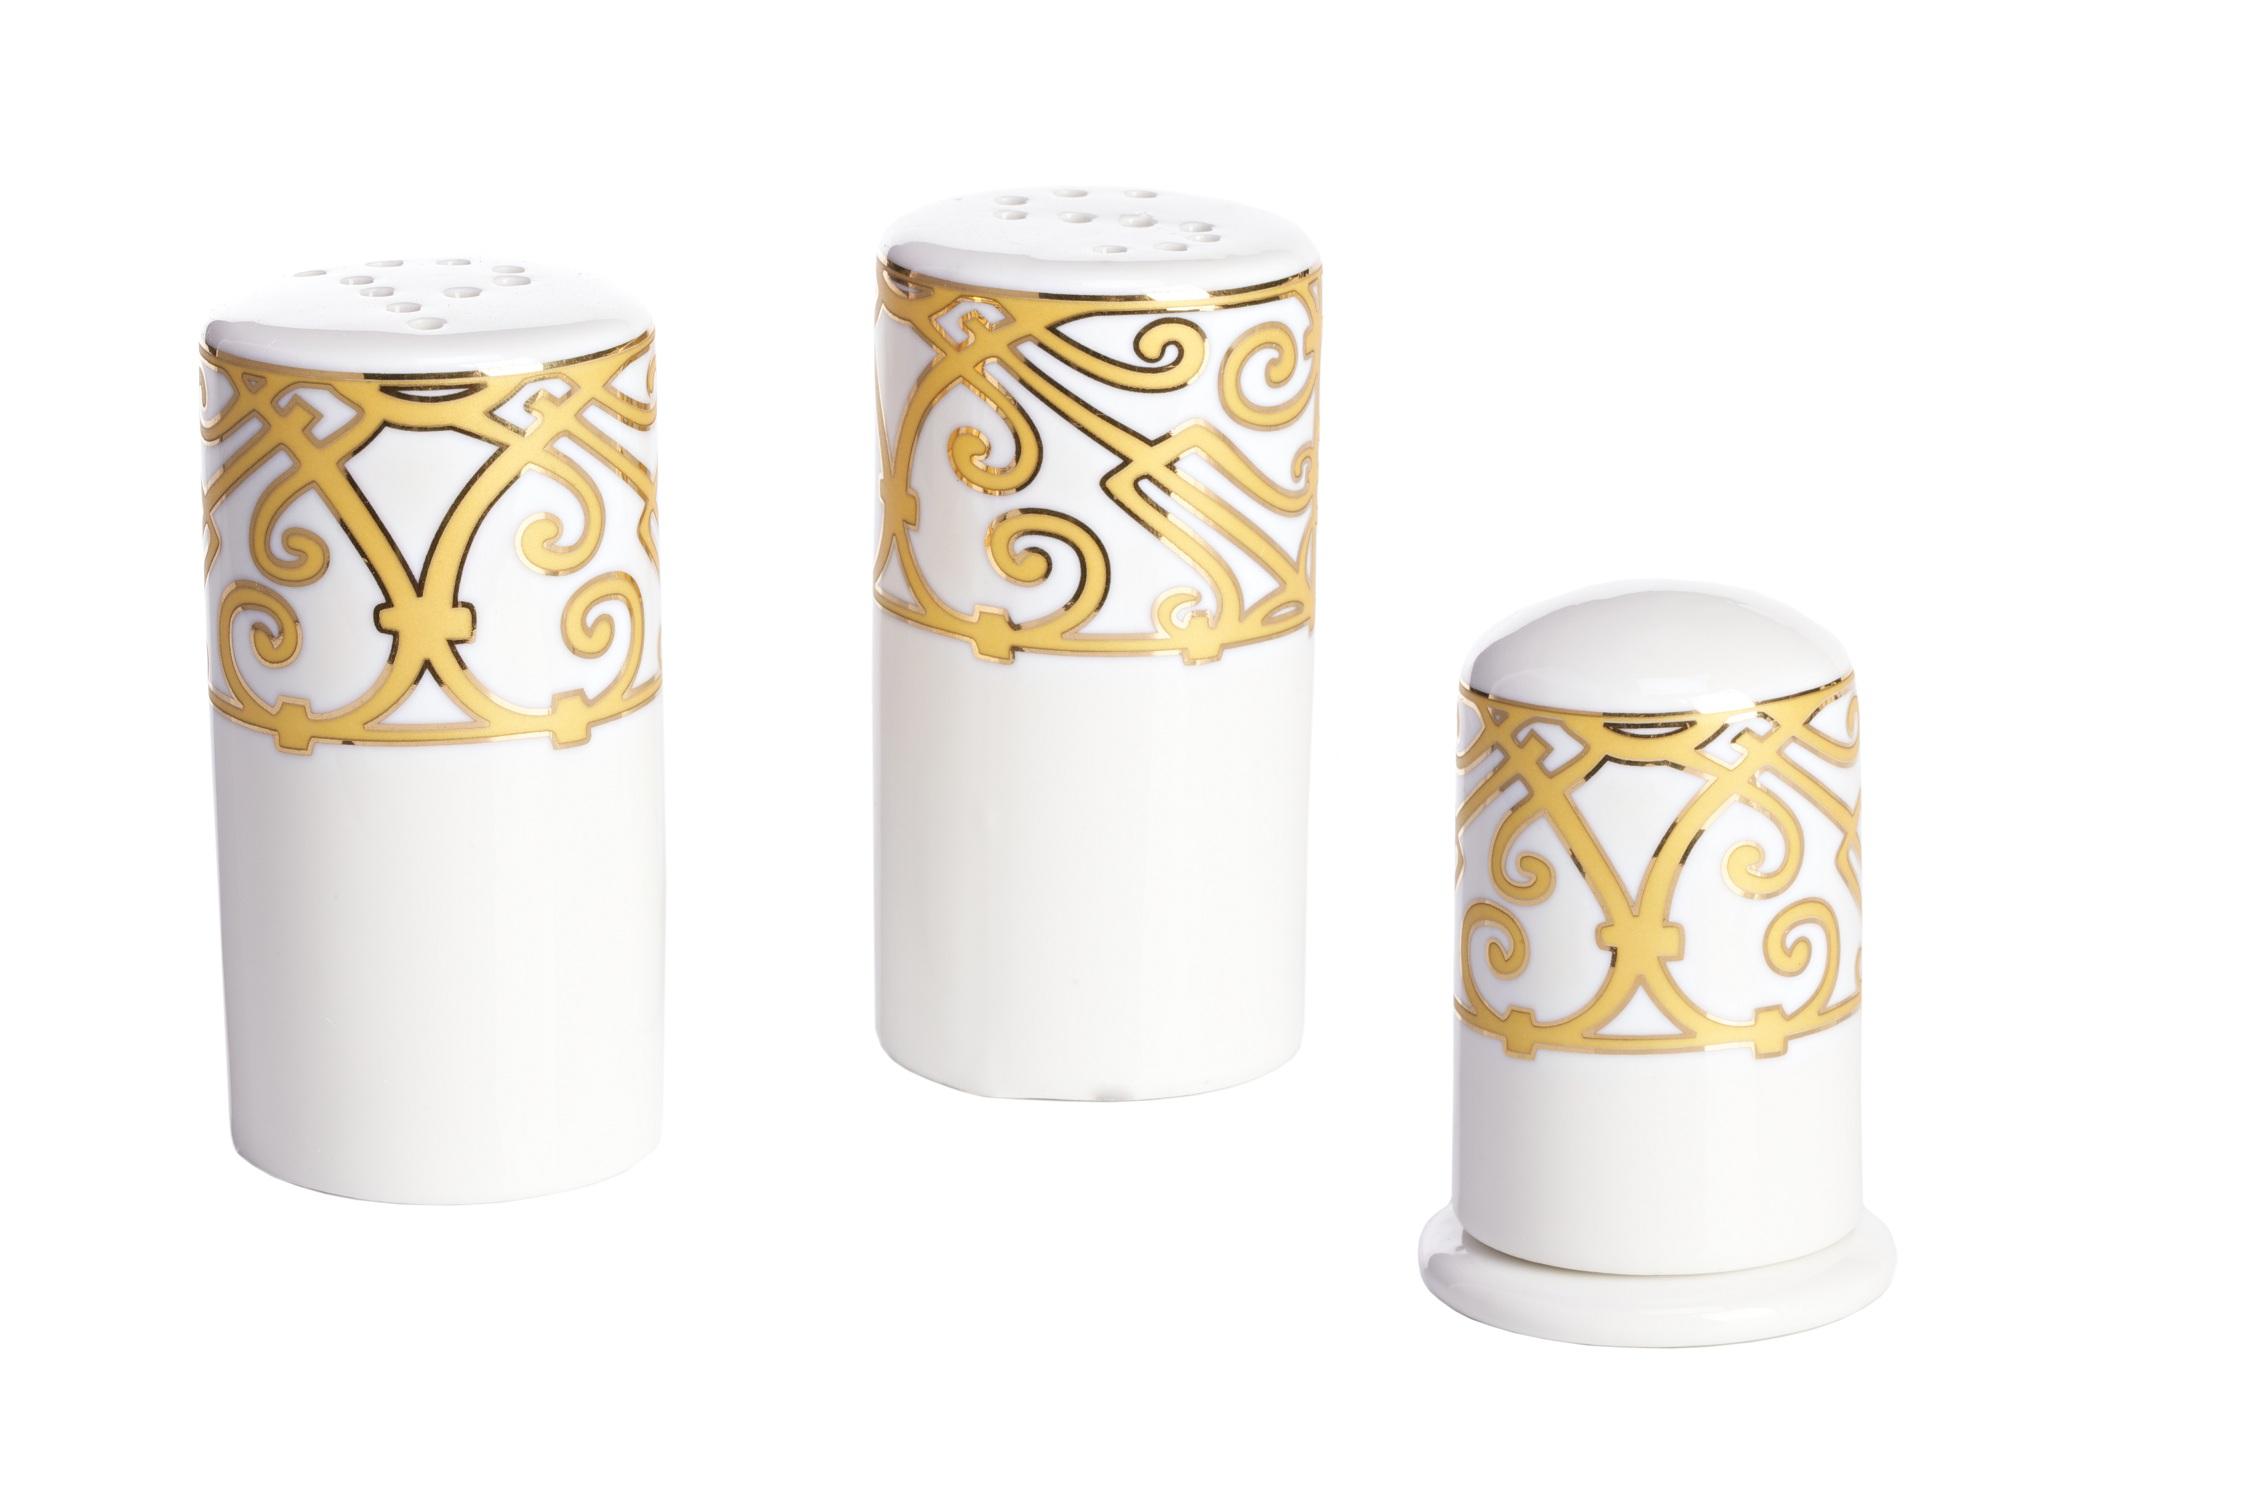 Набор для специй MarbellaЕмкости для хранения<br>Великолепный фарфоровый набор для специй коллекции «Marbella» может использоваться как самостоятельный предмет сервировки, а также в качестве превосходного дополнения к столовому сервизу. Идеальная белизна фарфора и золотистый орнамент в стиле модерн (moderne) придают набору нарядный и торжественный вид. Набор включает перечницу, солонку и емкость для зубочисток. Вы можете приобрести его отдельно, а также вместе с другими предметами коллекции «Marbella». Размеры: солонка и перечница - диаметр дна 4,5 см, высота 8,8 см, емкость для зубочисток - диаметр дна 5 см, высота 7,5 см.<br><br>Material: Фарфор<br>Width см: None<br>Height см: 9<br>Diameter см: 4.5